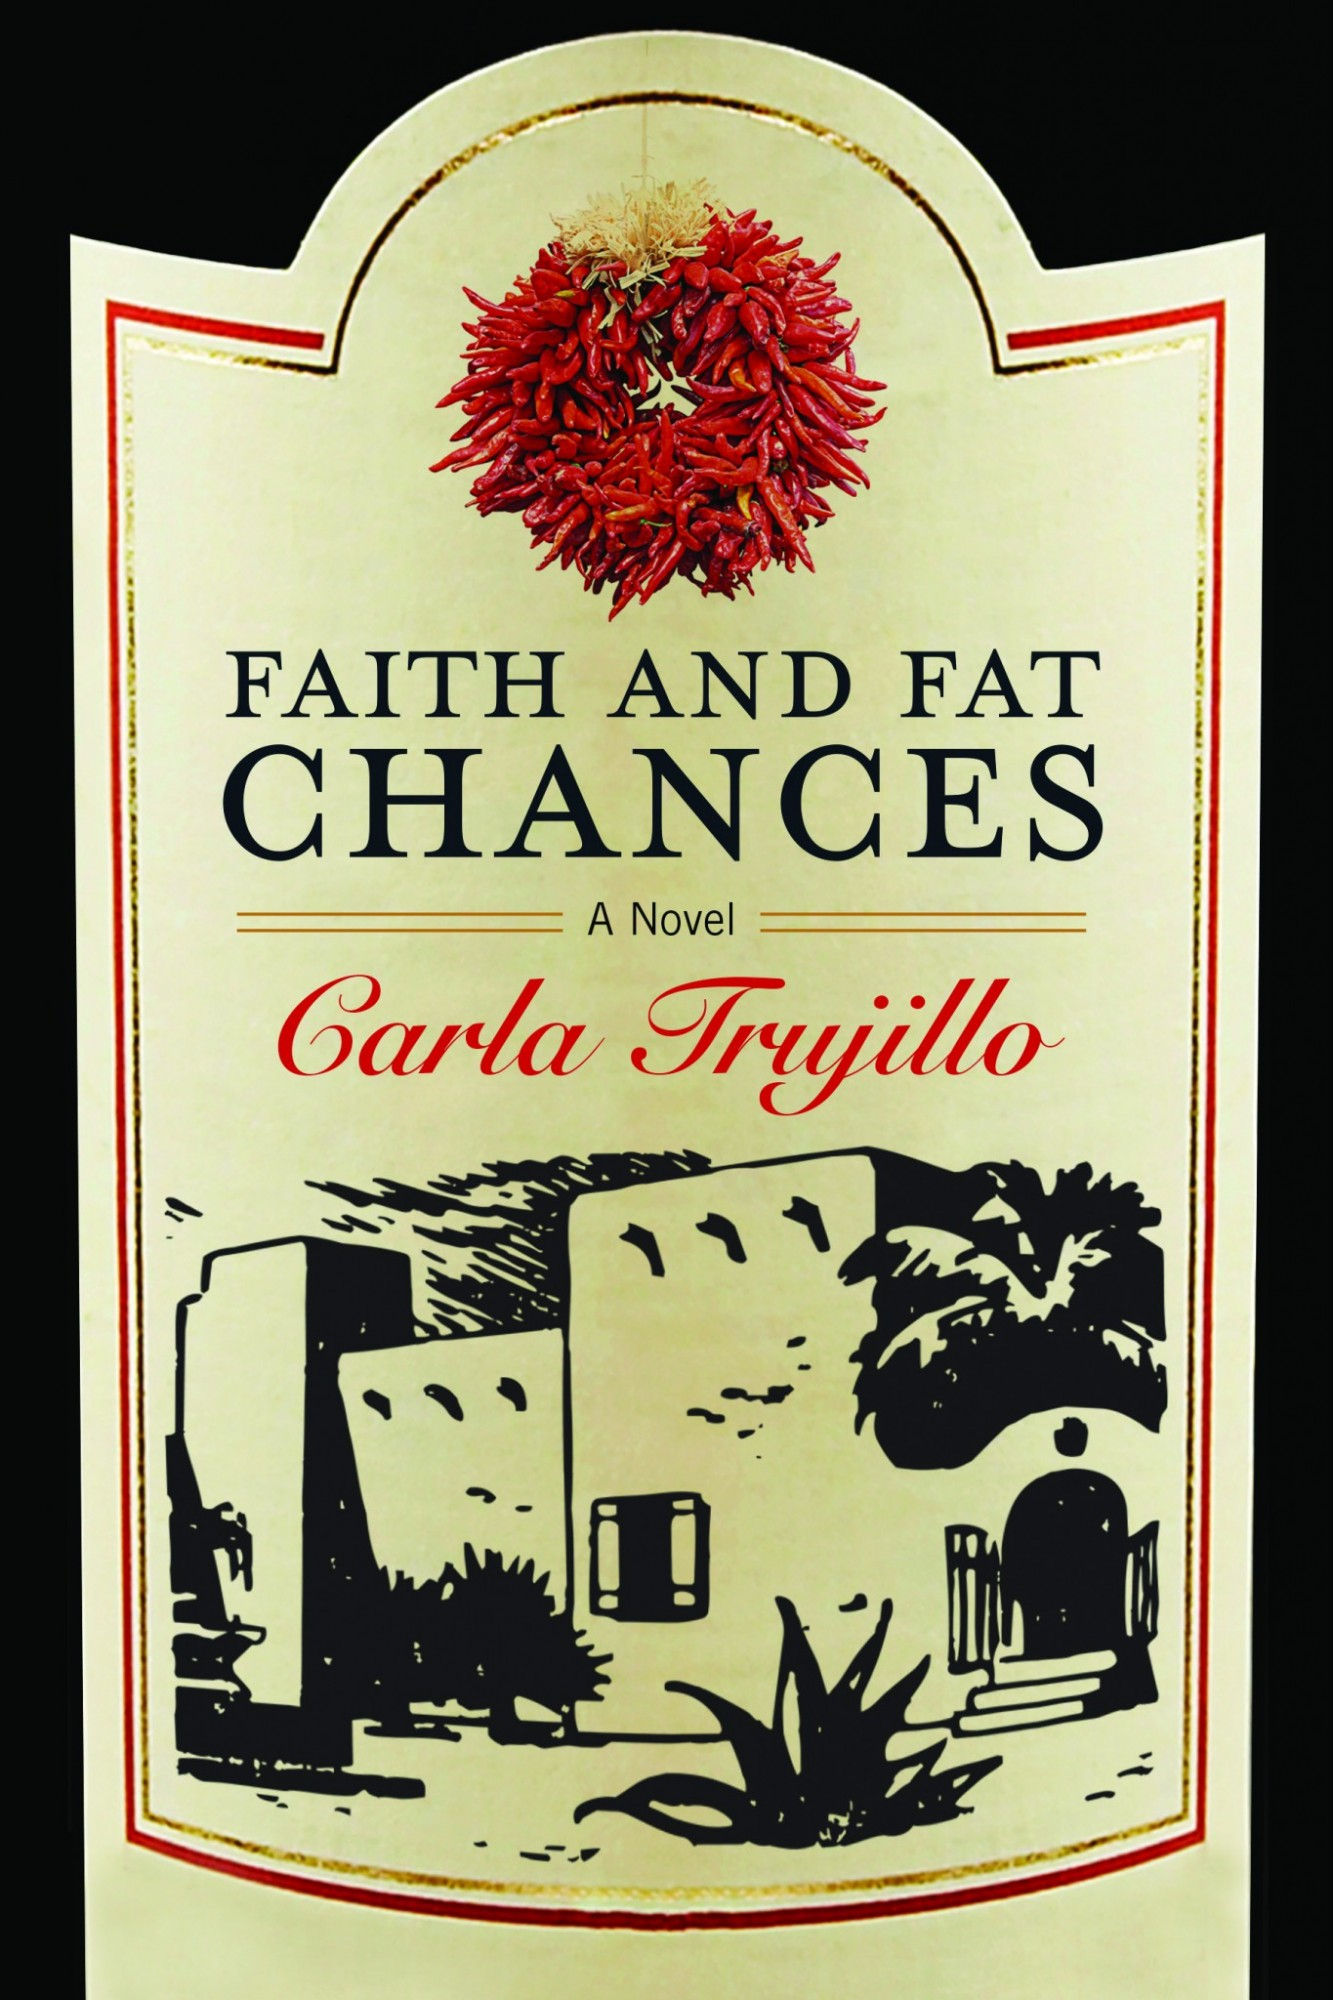 faith-and-fat-chances